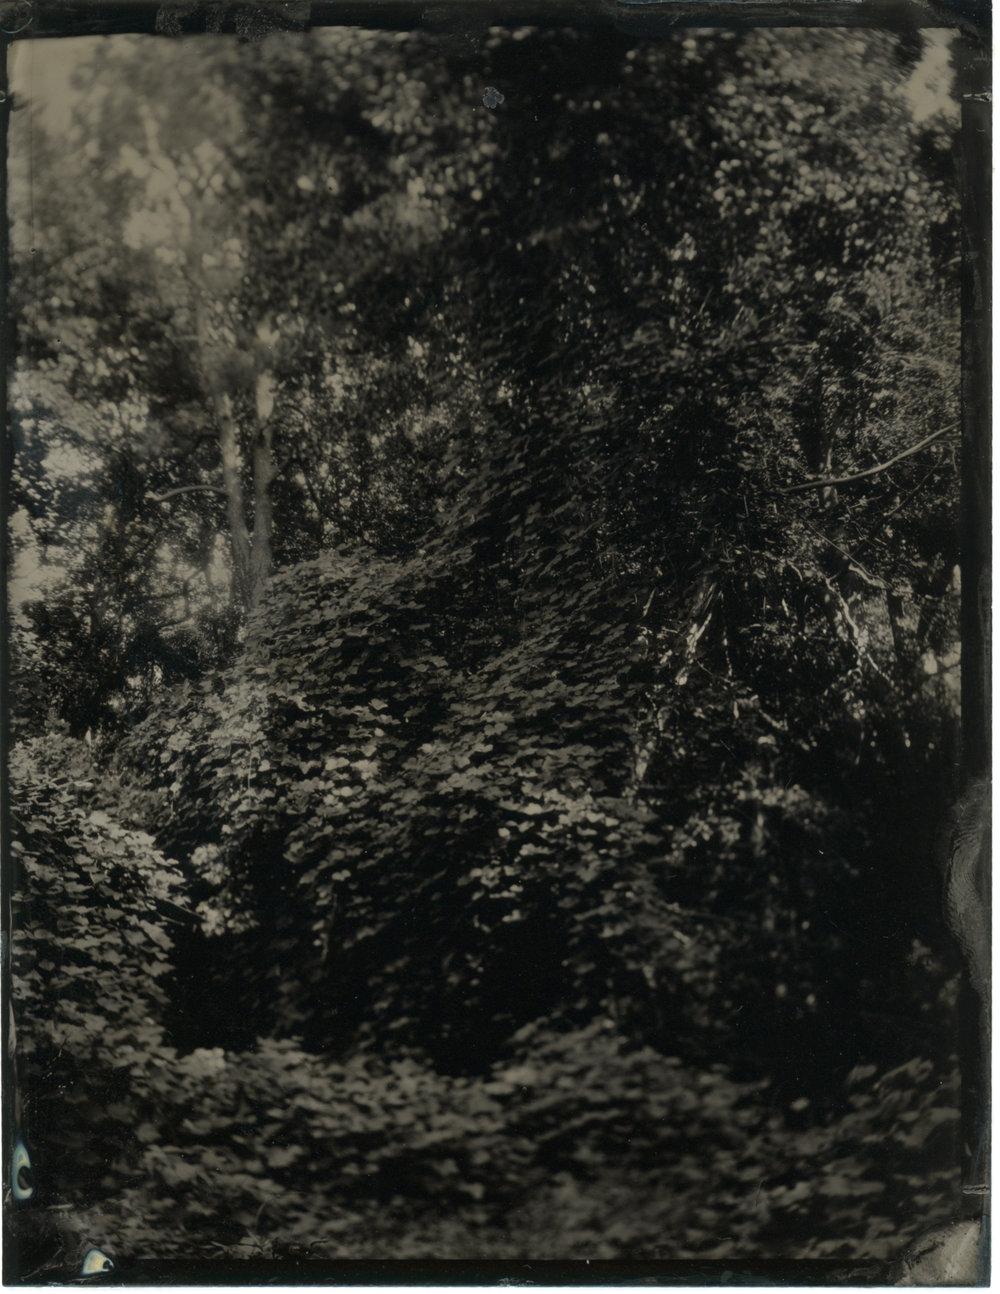 CollodionLandscapes-44.JPG